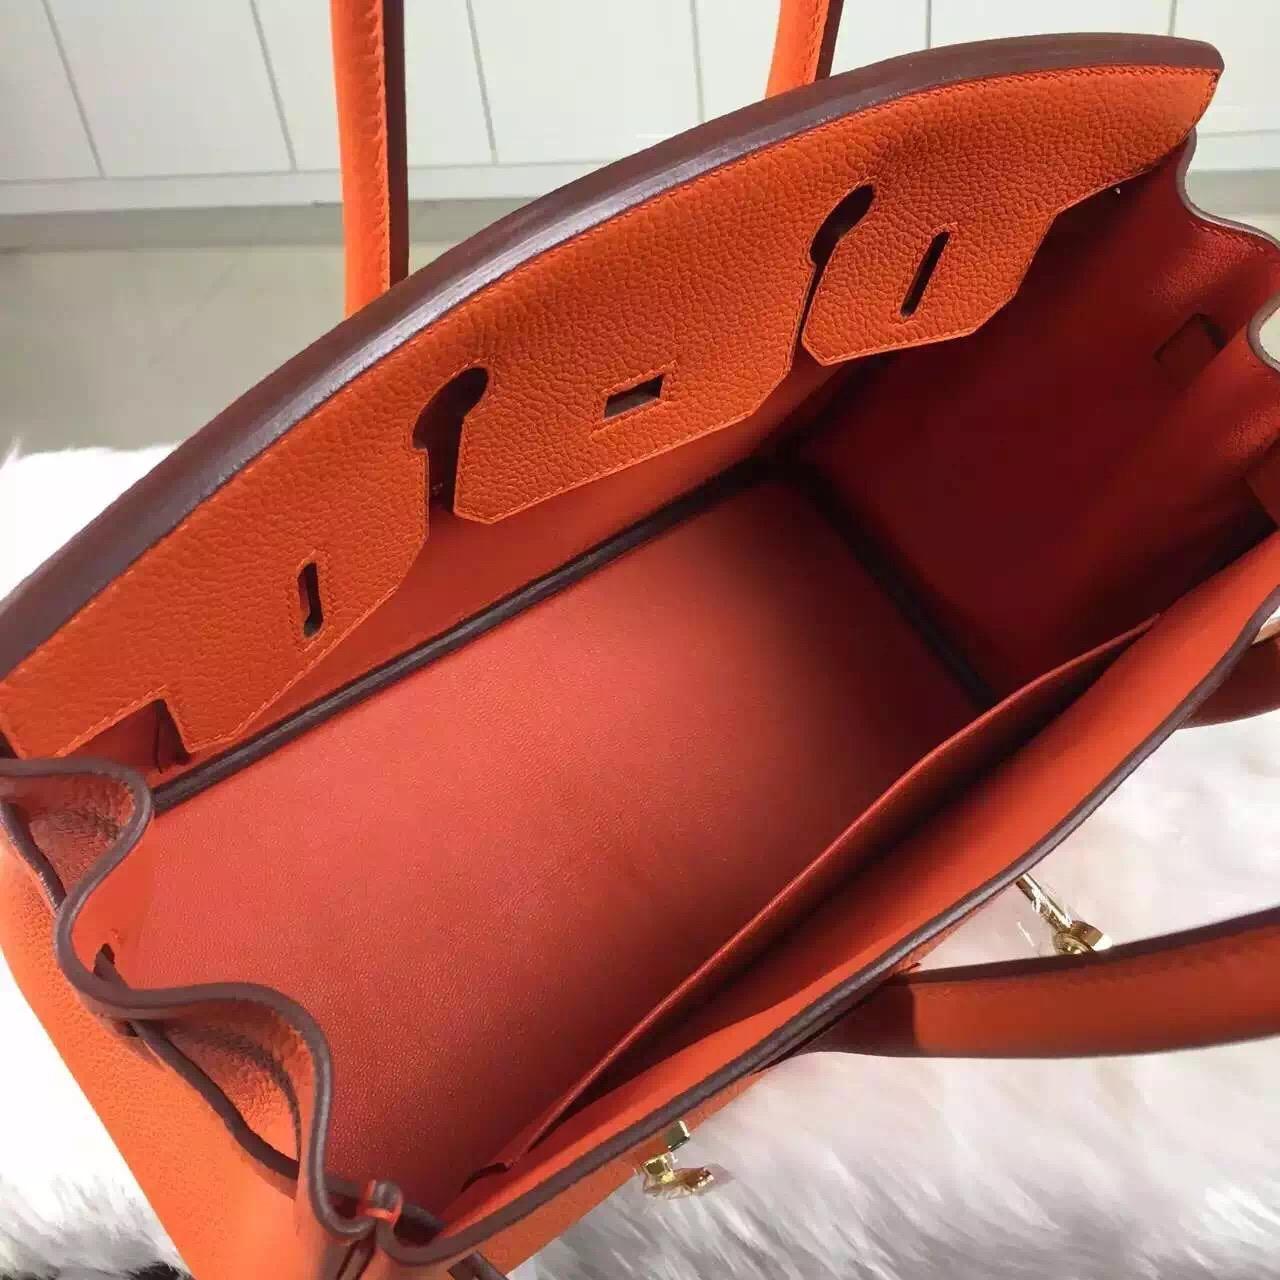 Fashion Hermes Birkin30 Orange Togo Calfskin Leather Women's Bag